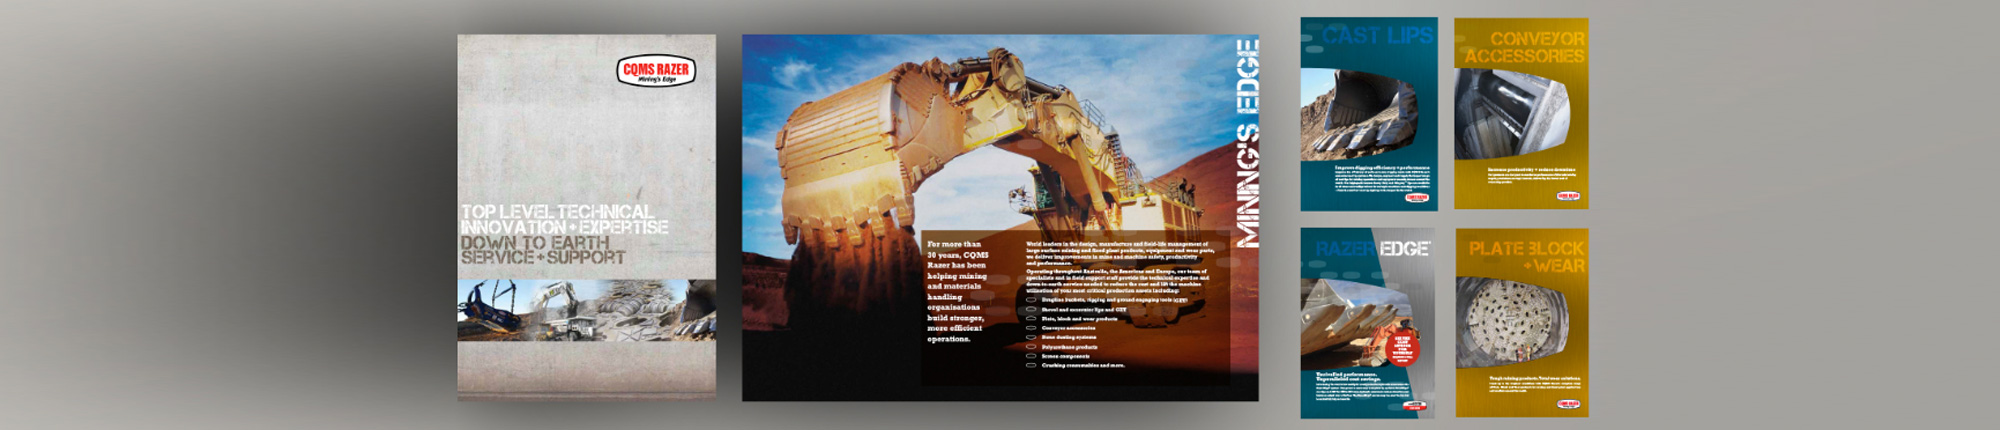 CQMS-brochures.jpg